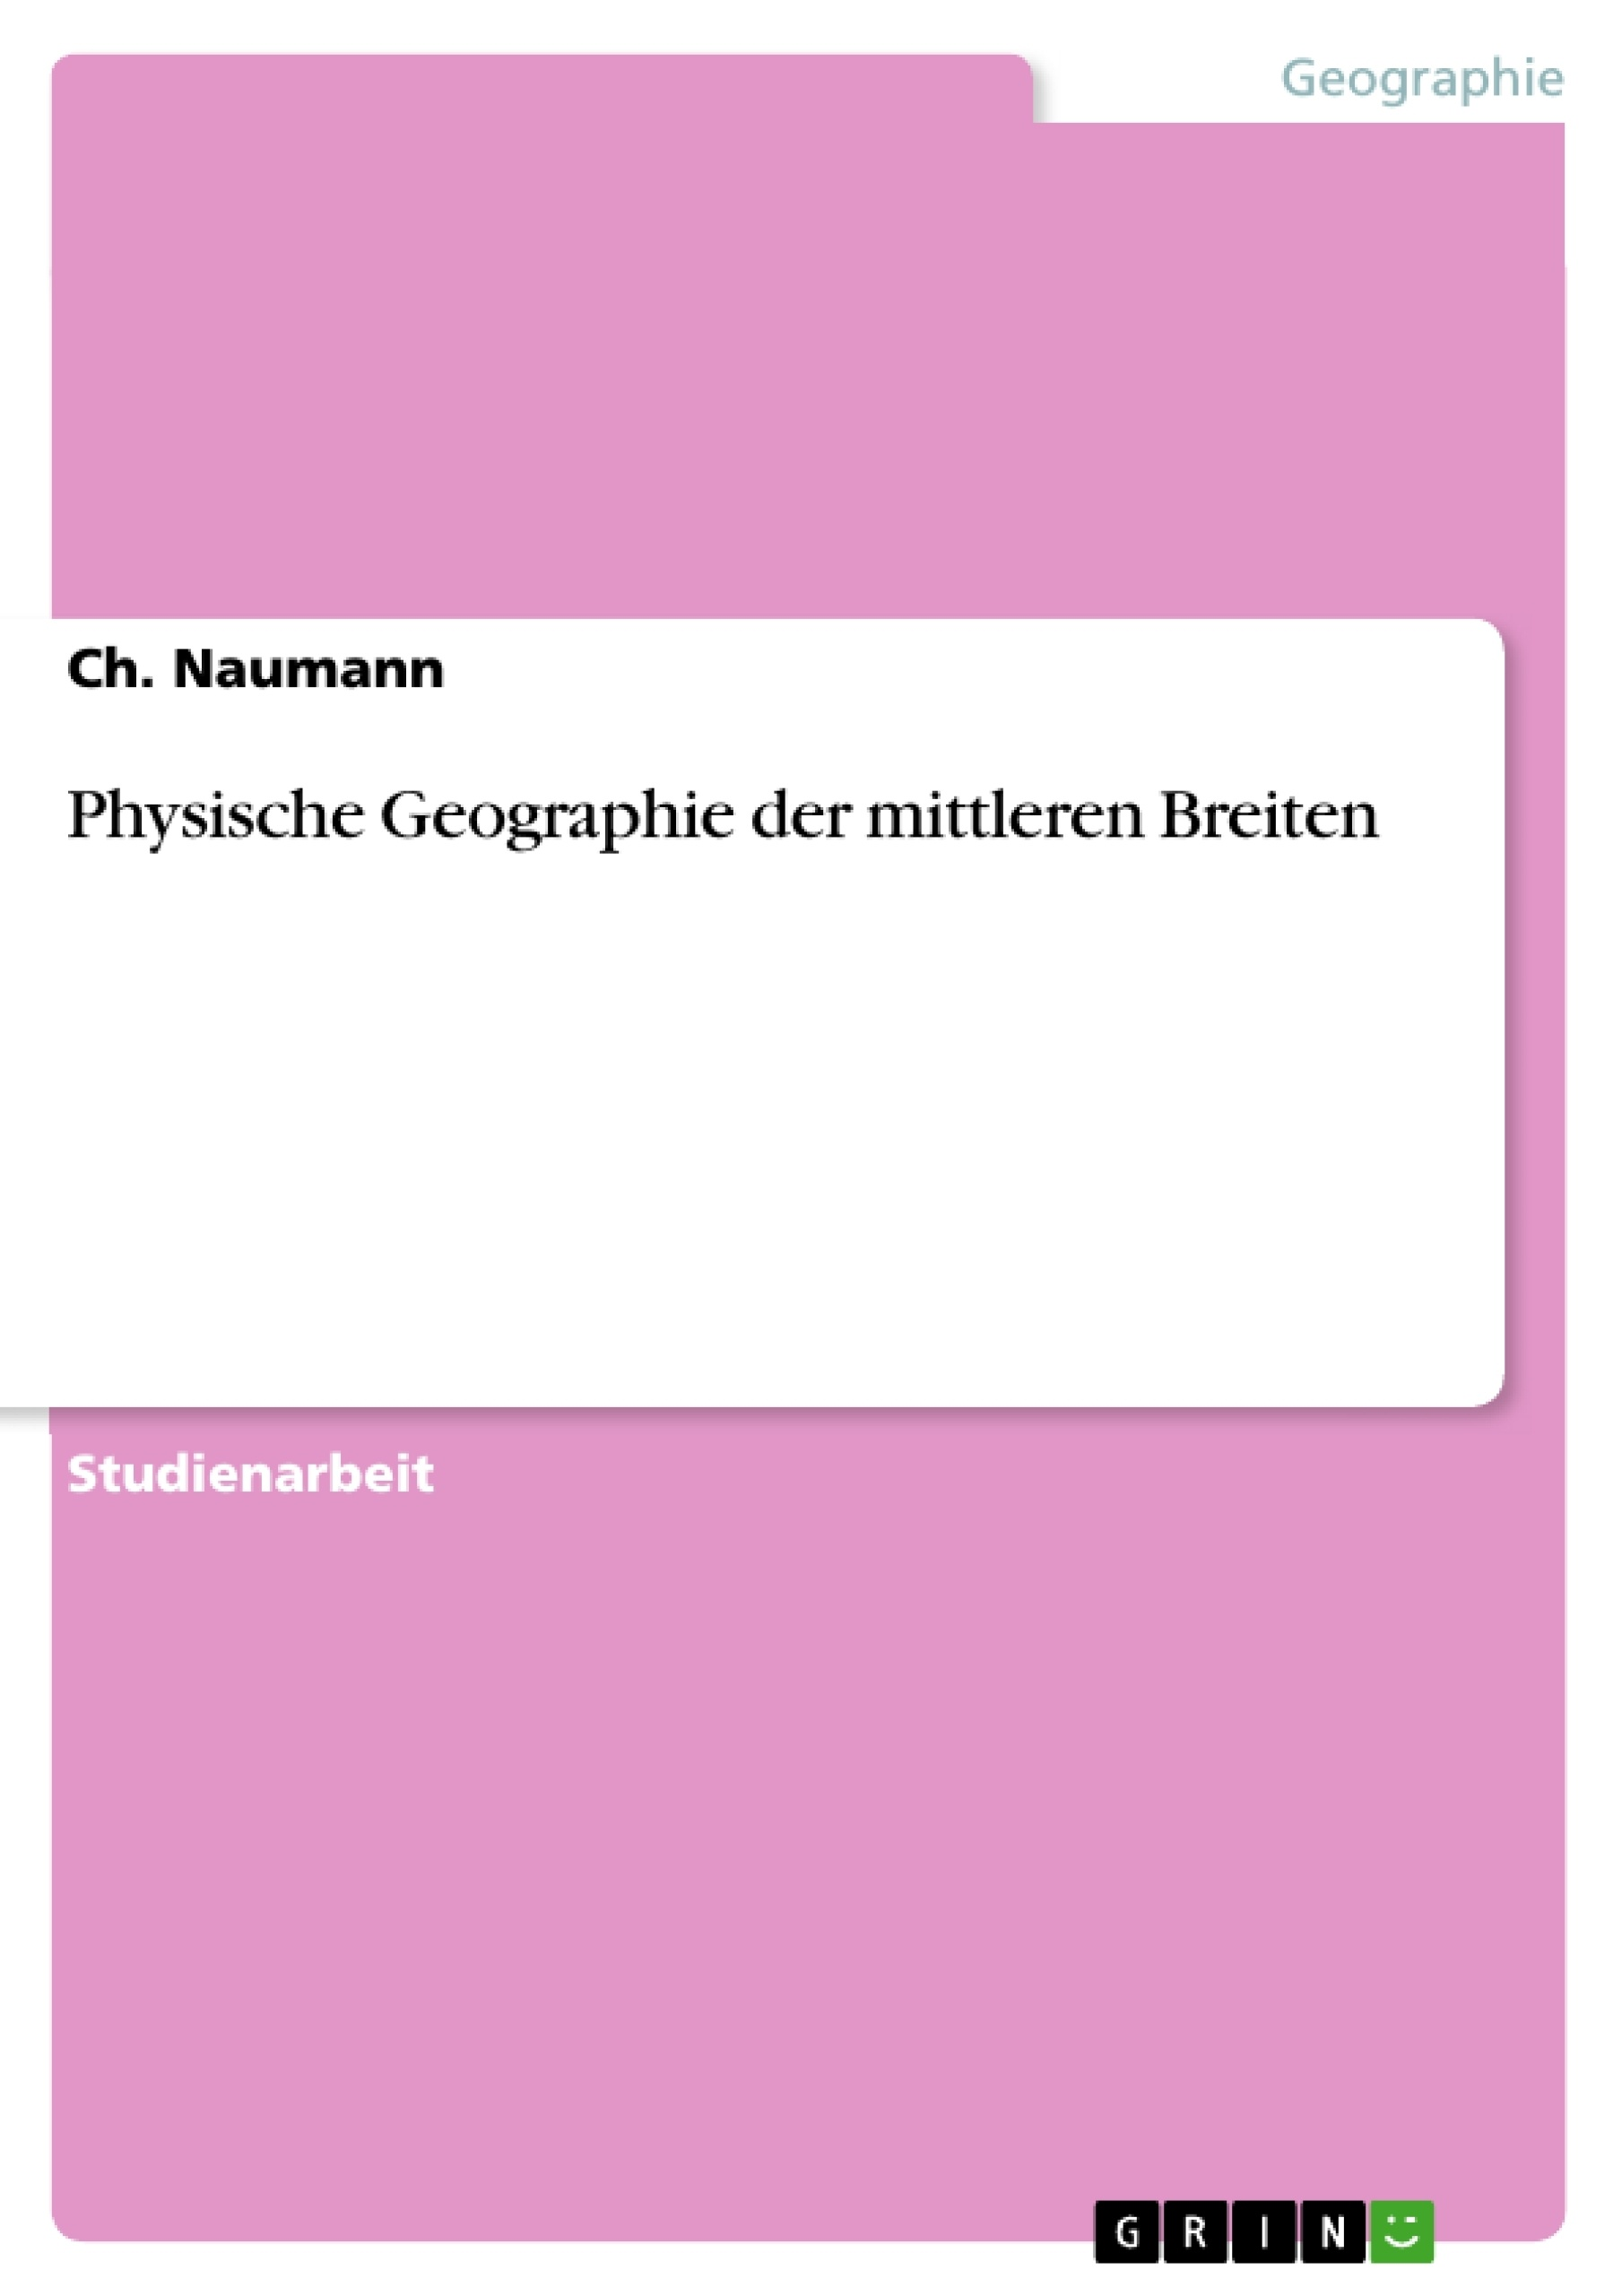 Titel: Physische Geographie der mittleren Breiten